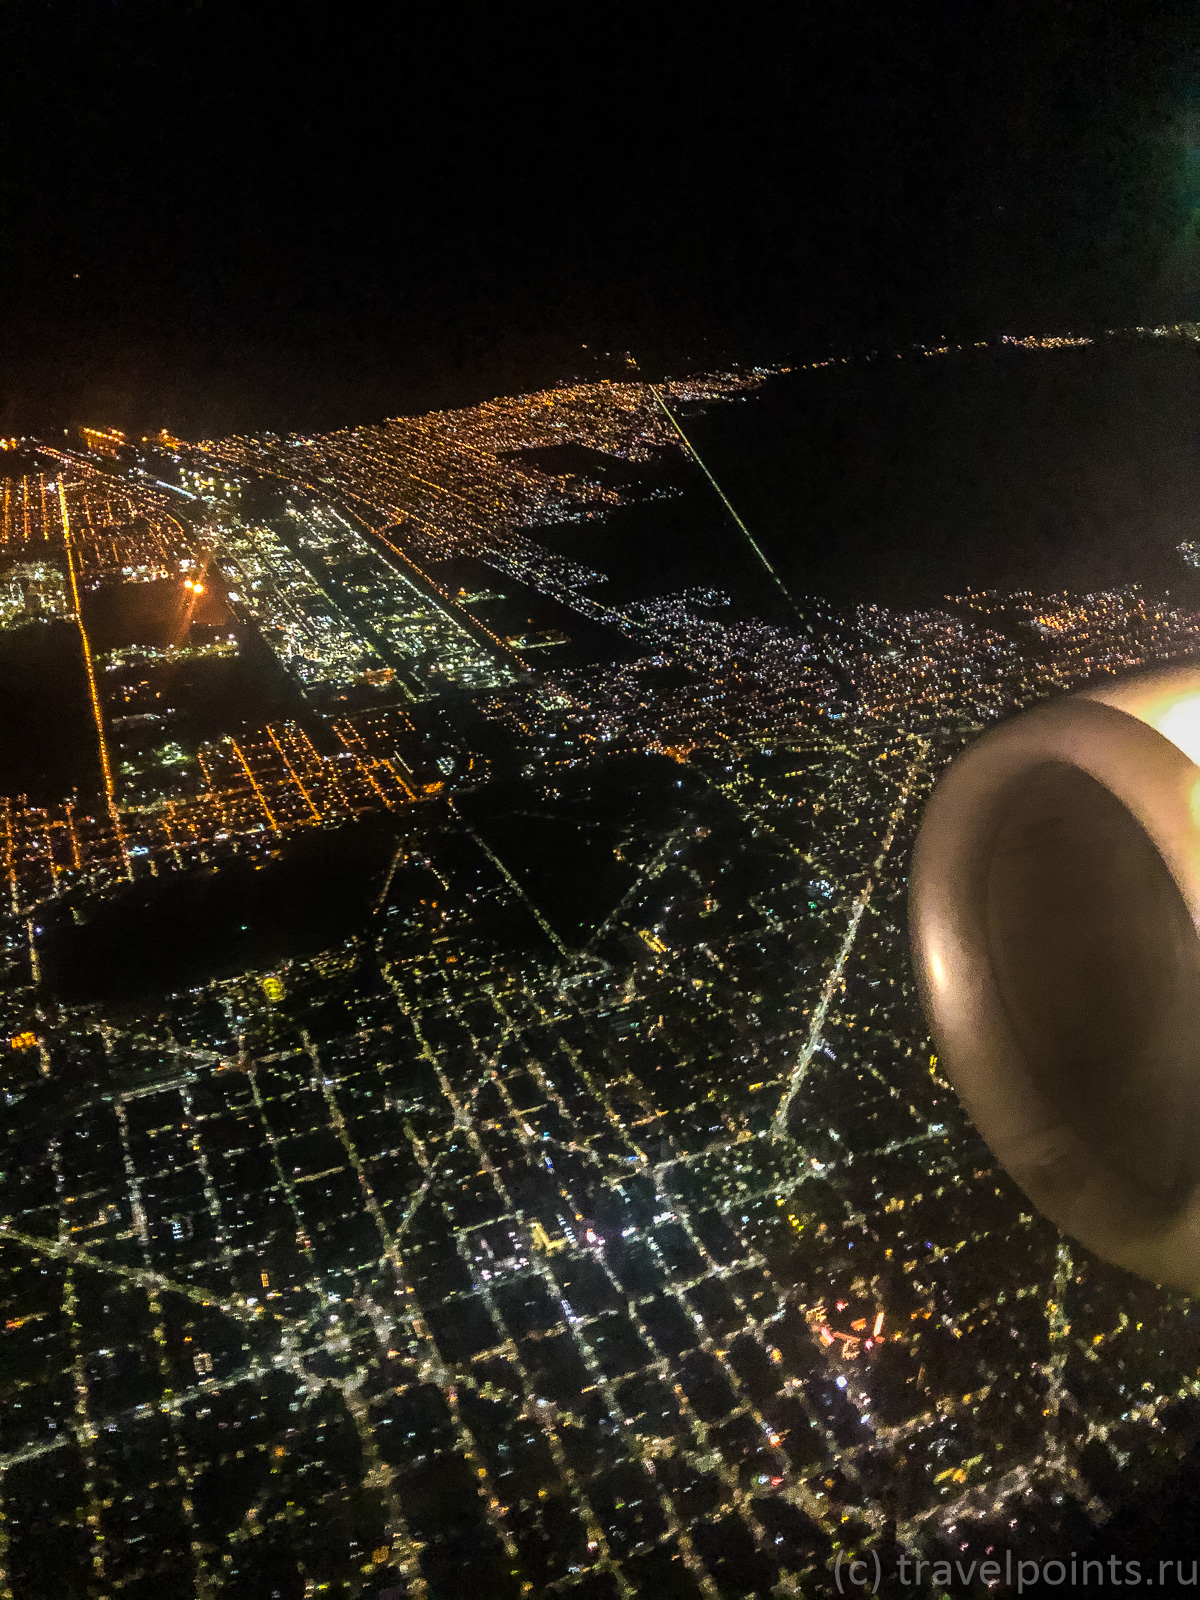 А так выглядит Буэнос Айрес ночью, когда приземляешься в аэропорту Хорхе Ньюбери